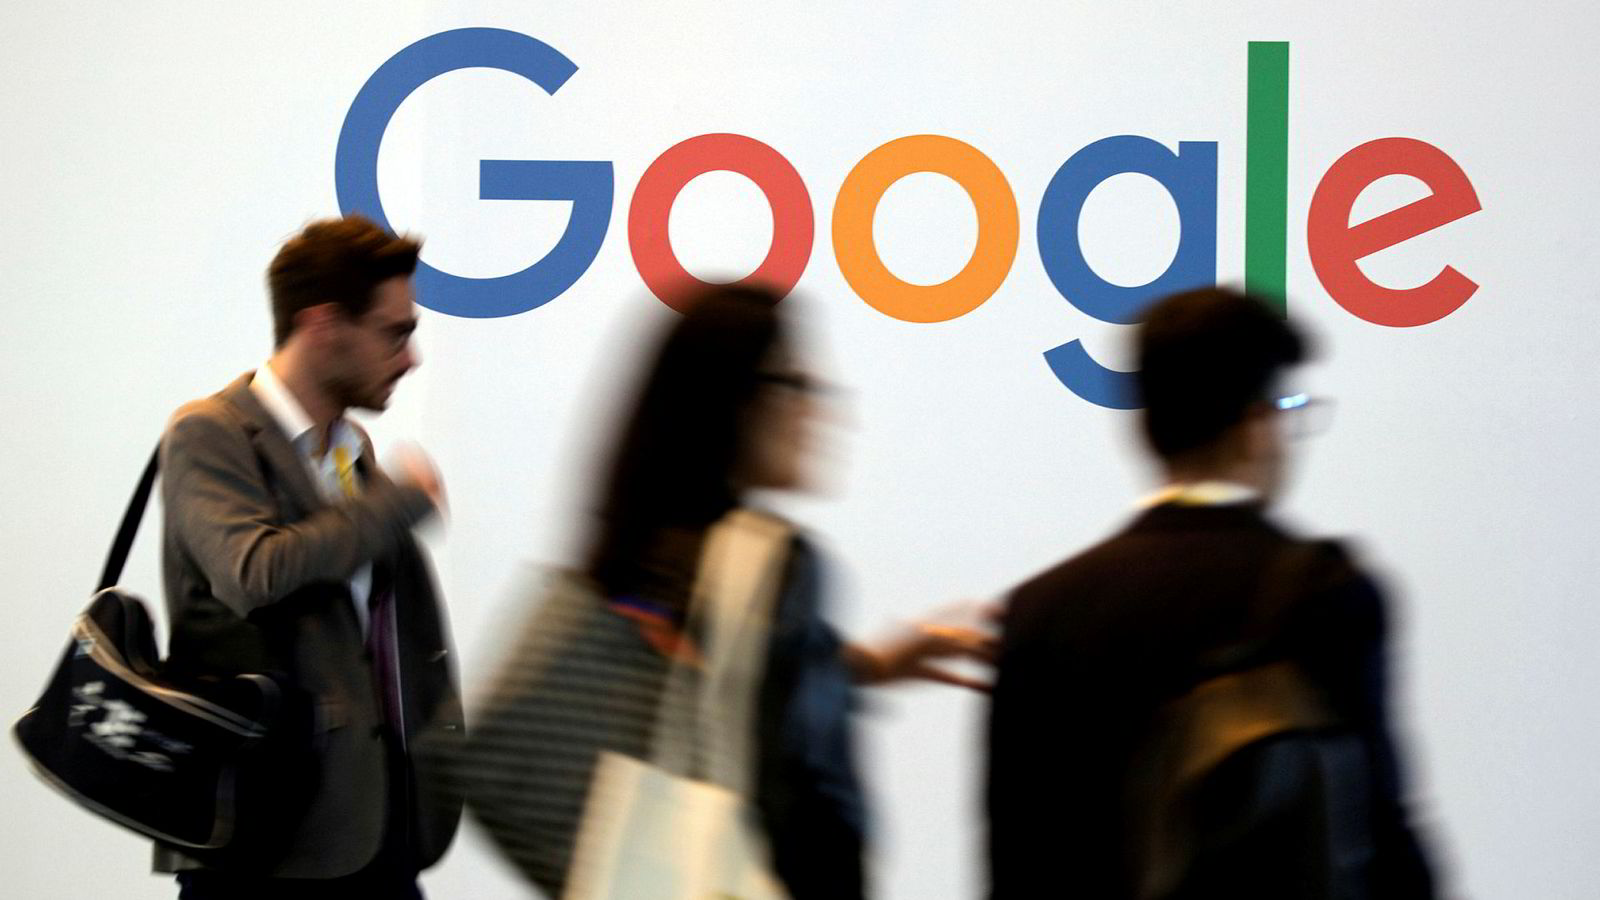 Gebyret i den franske saken er det suverent høyeste. Med sine 50 millioner euro vekker det oppsikt. Samtidig må det franske gebyret ses i lys av at Google LLC hadde en global omsetning på cirka 100 milliarder euro i 2017.